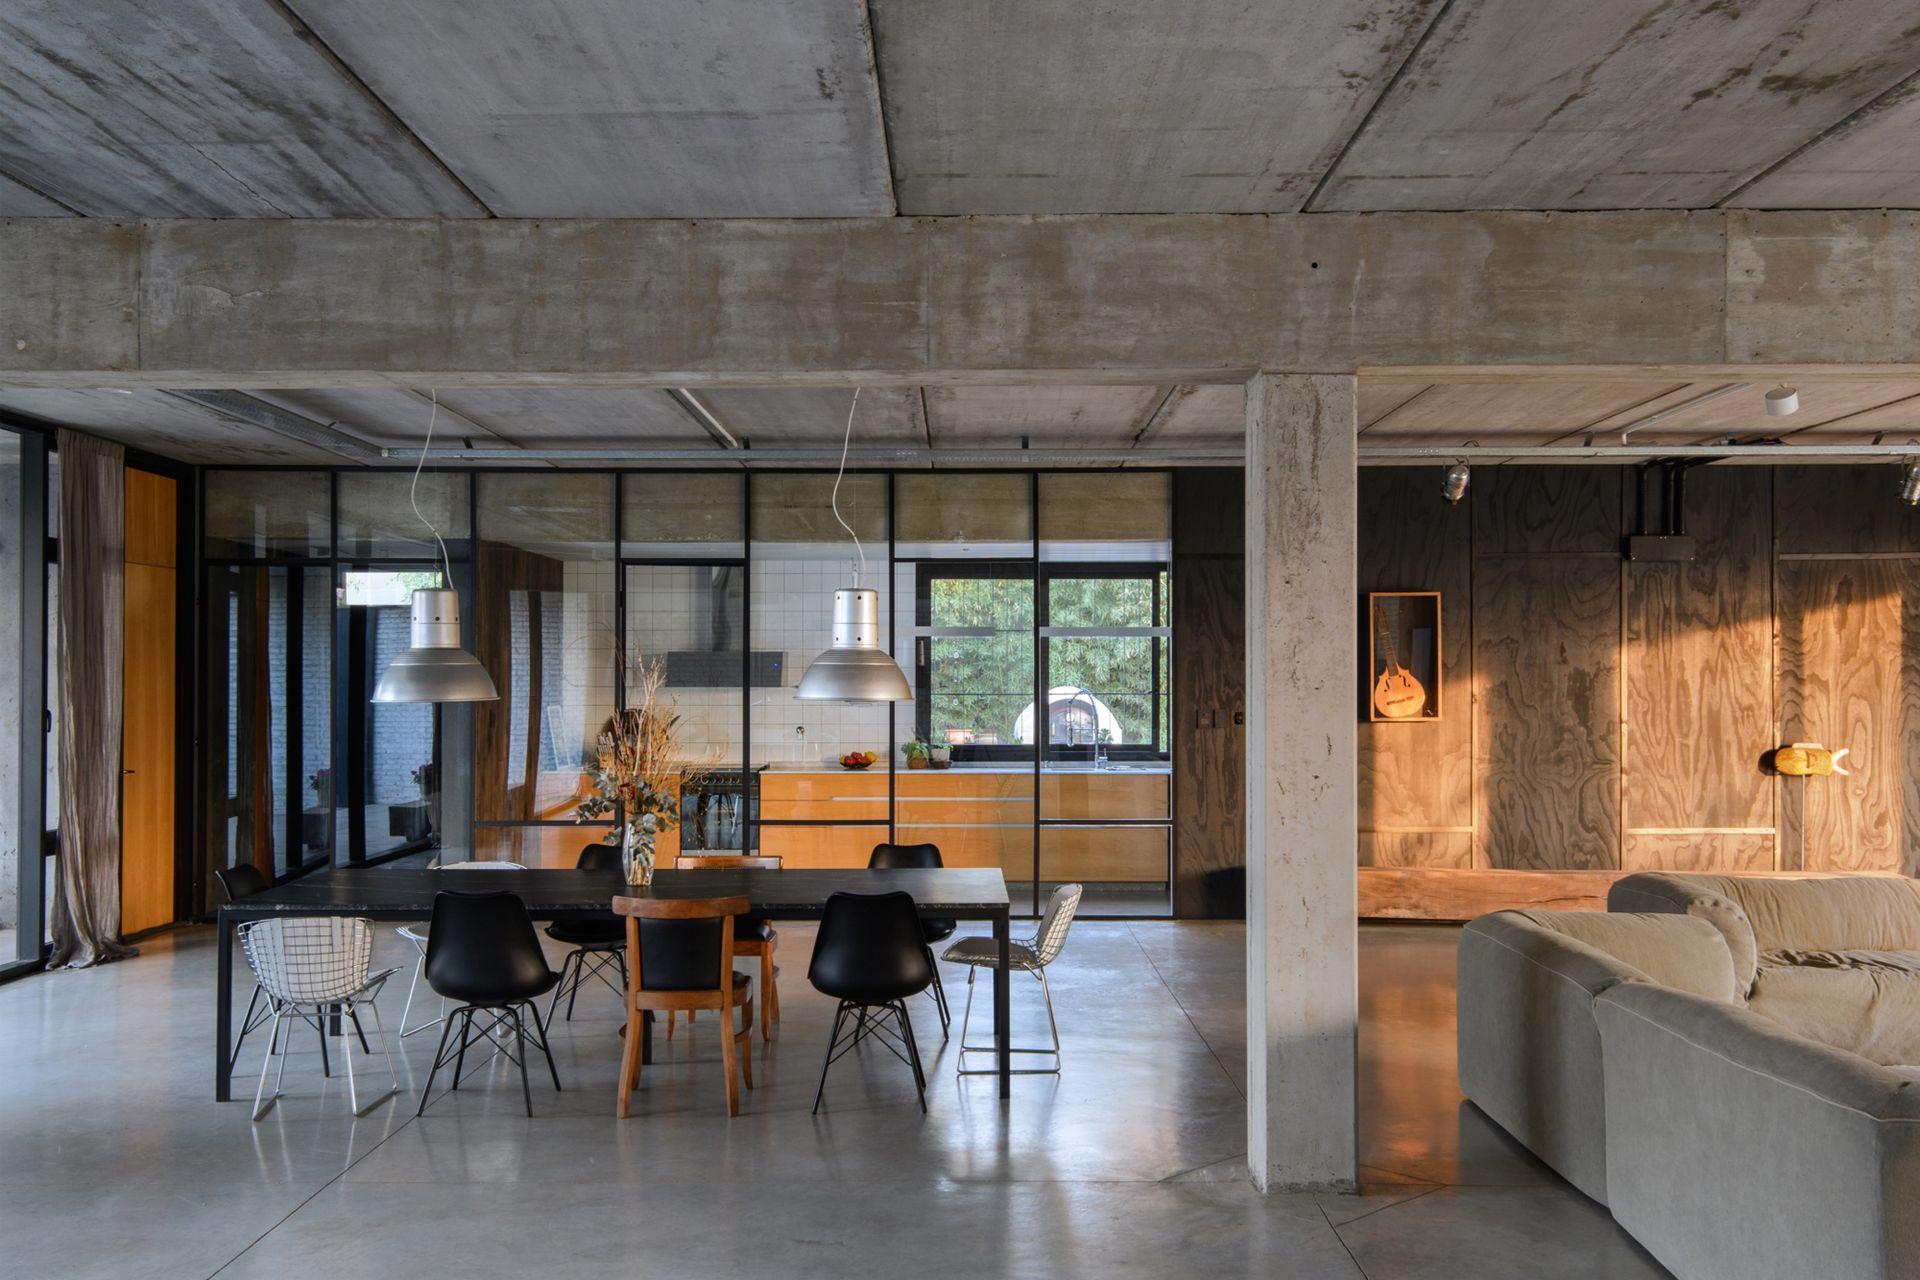 """Lámparas galponeras que habían usado en el estudio de arquitectura; mesa con tapa de mármol 'Ebony Crystal' montada sobre una estructura de caño pintado (Estudio Benito). Las sillas, """"una de cada pueblo"""" para desestructurar."""